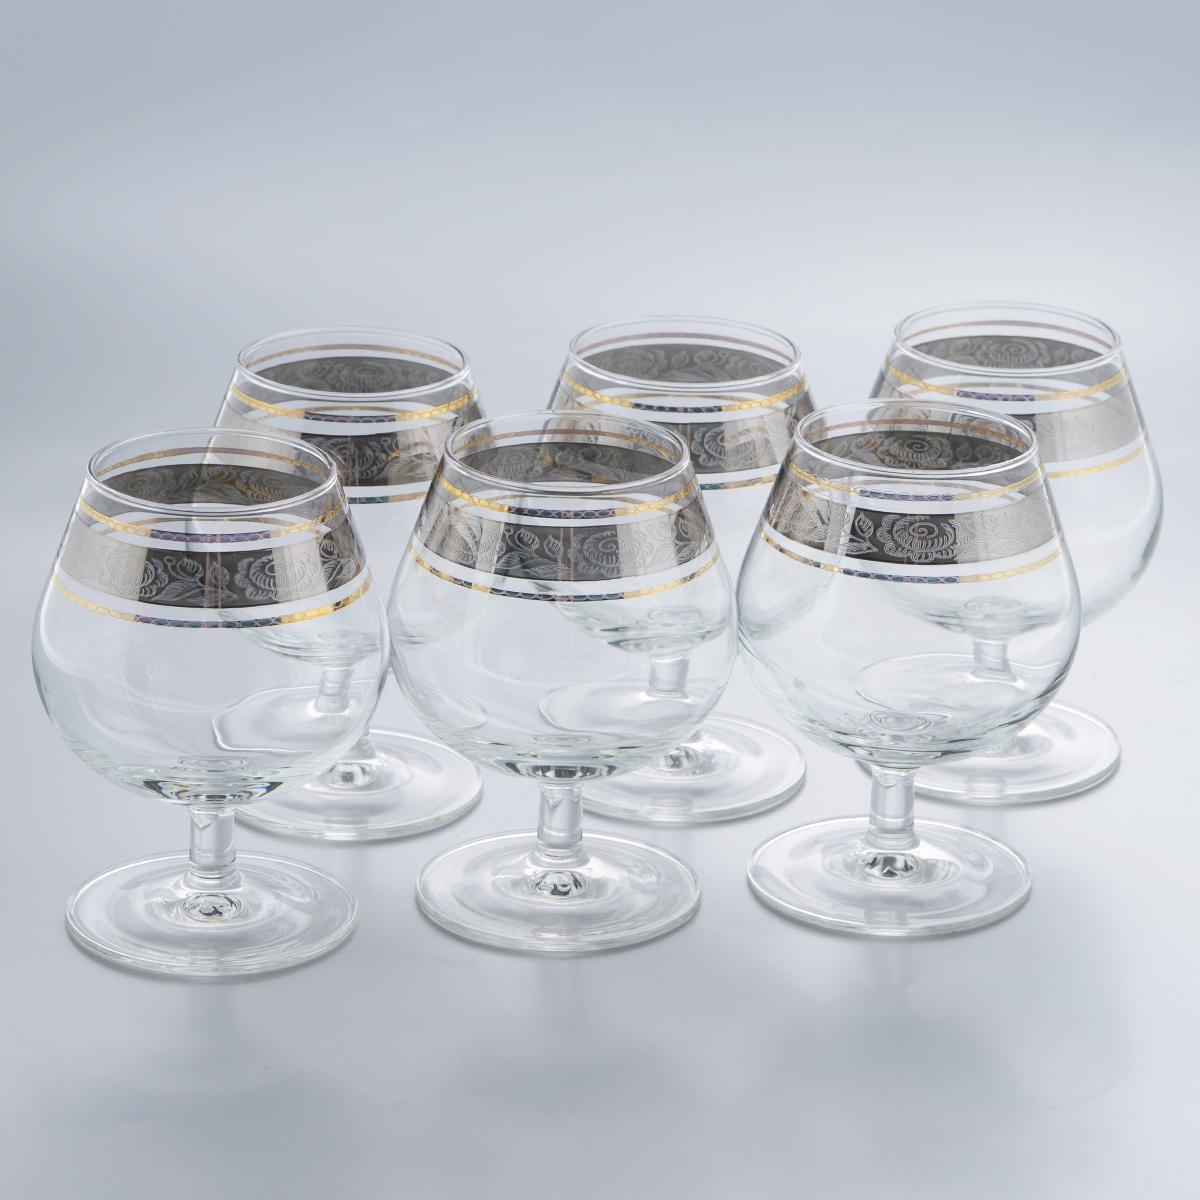 Набор бокалов для бренди Гусь-Хрустальный Первоцвет, 250 мл, 6 штTL66-1740Набор Гусь-Хрустальный Первоцвет состоит из 6 бокалов, изготовленных из высококачественного натрий-кальций-силикатного стекла. Изделия оформлены красивым зеркальным покрытием и прозрачным узором. Бокалы предназначены для подачи бренди. Такой набор прекрасно дополнит праздничный стол и станет желанным подарком в любом доме. Разрешается мыть в посудомоечной машине. Диаметр бокала (по верхнему краю): 5,5 см. Высота бокала: 11 см. Диаметр основания бокала: 6,7 см.